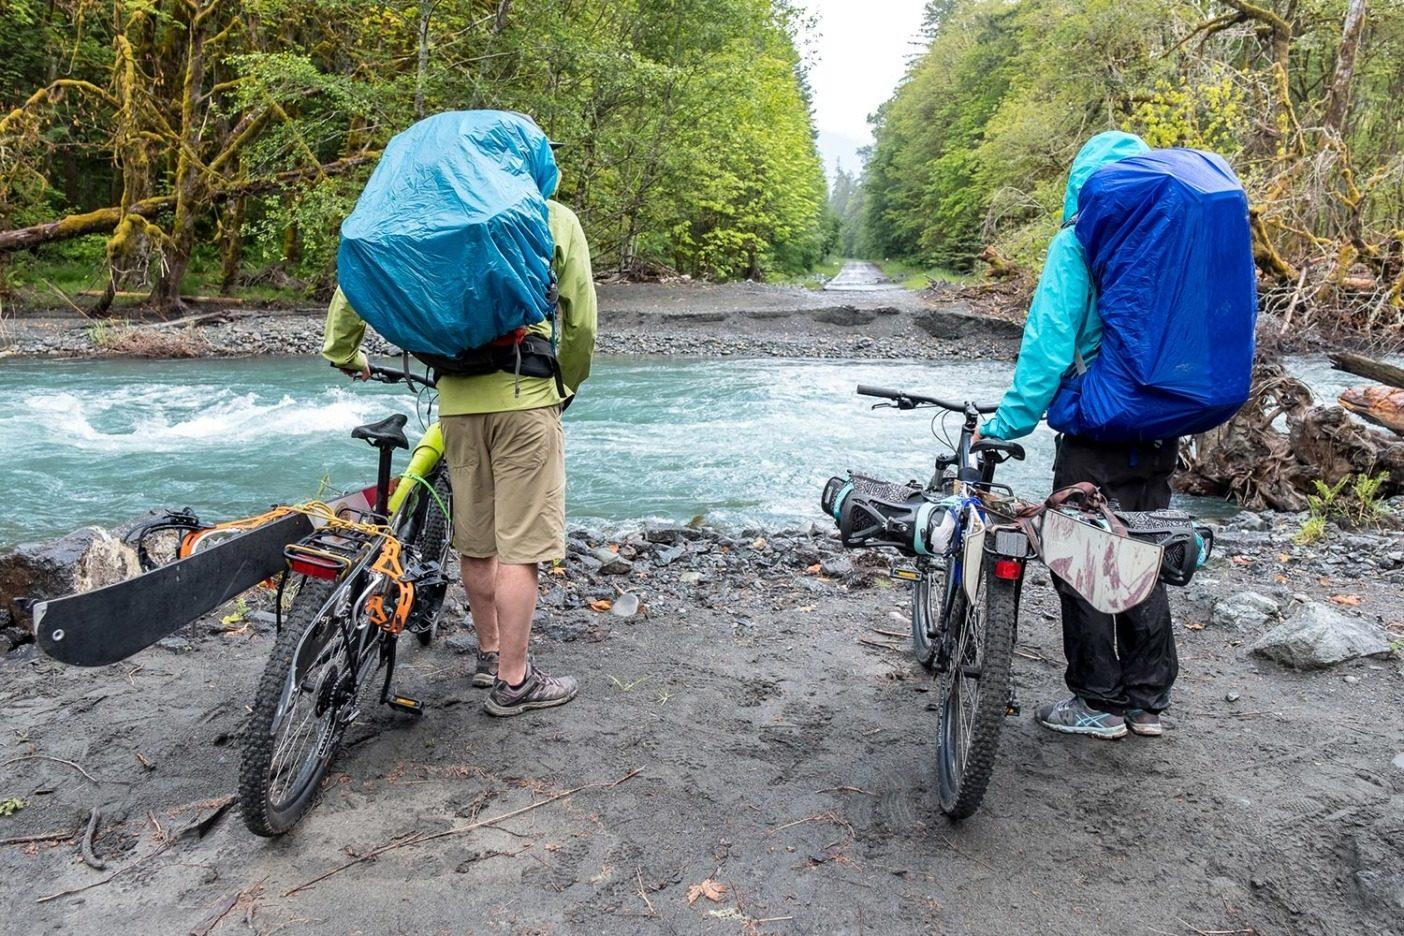 野生の川は野生的なことをする。エルワ・リバーの氾濫による道の崩壊を目にし、オリンパス山へ自転車で行くことの中断を検討するマリー-フランス・ロイとケール・マーティン。Photo: Colin Wiseman